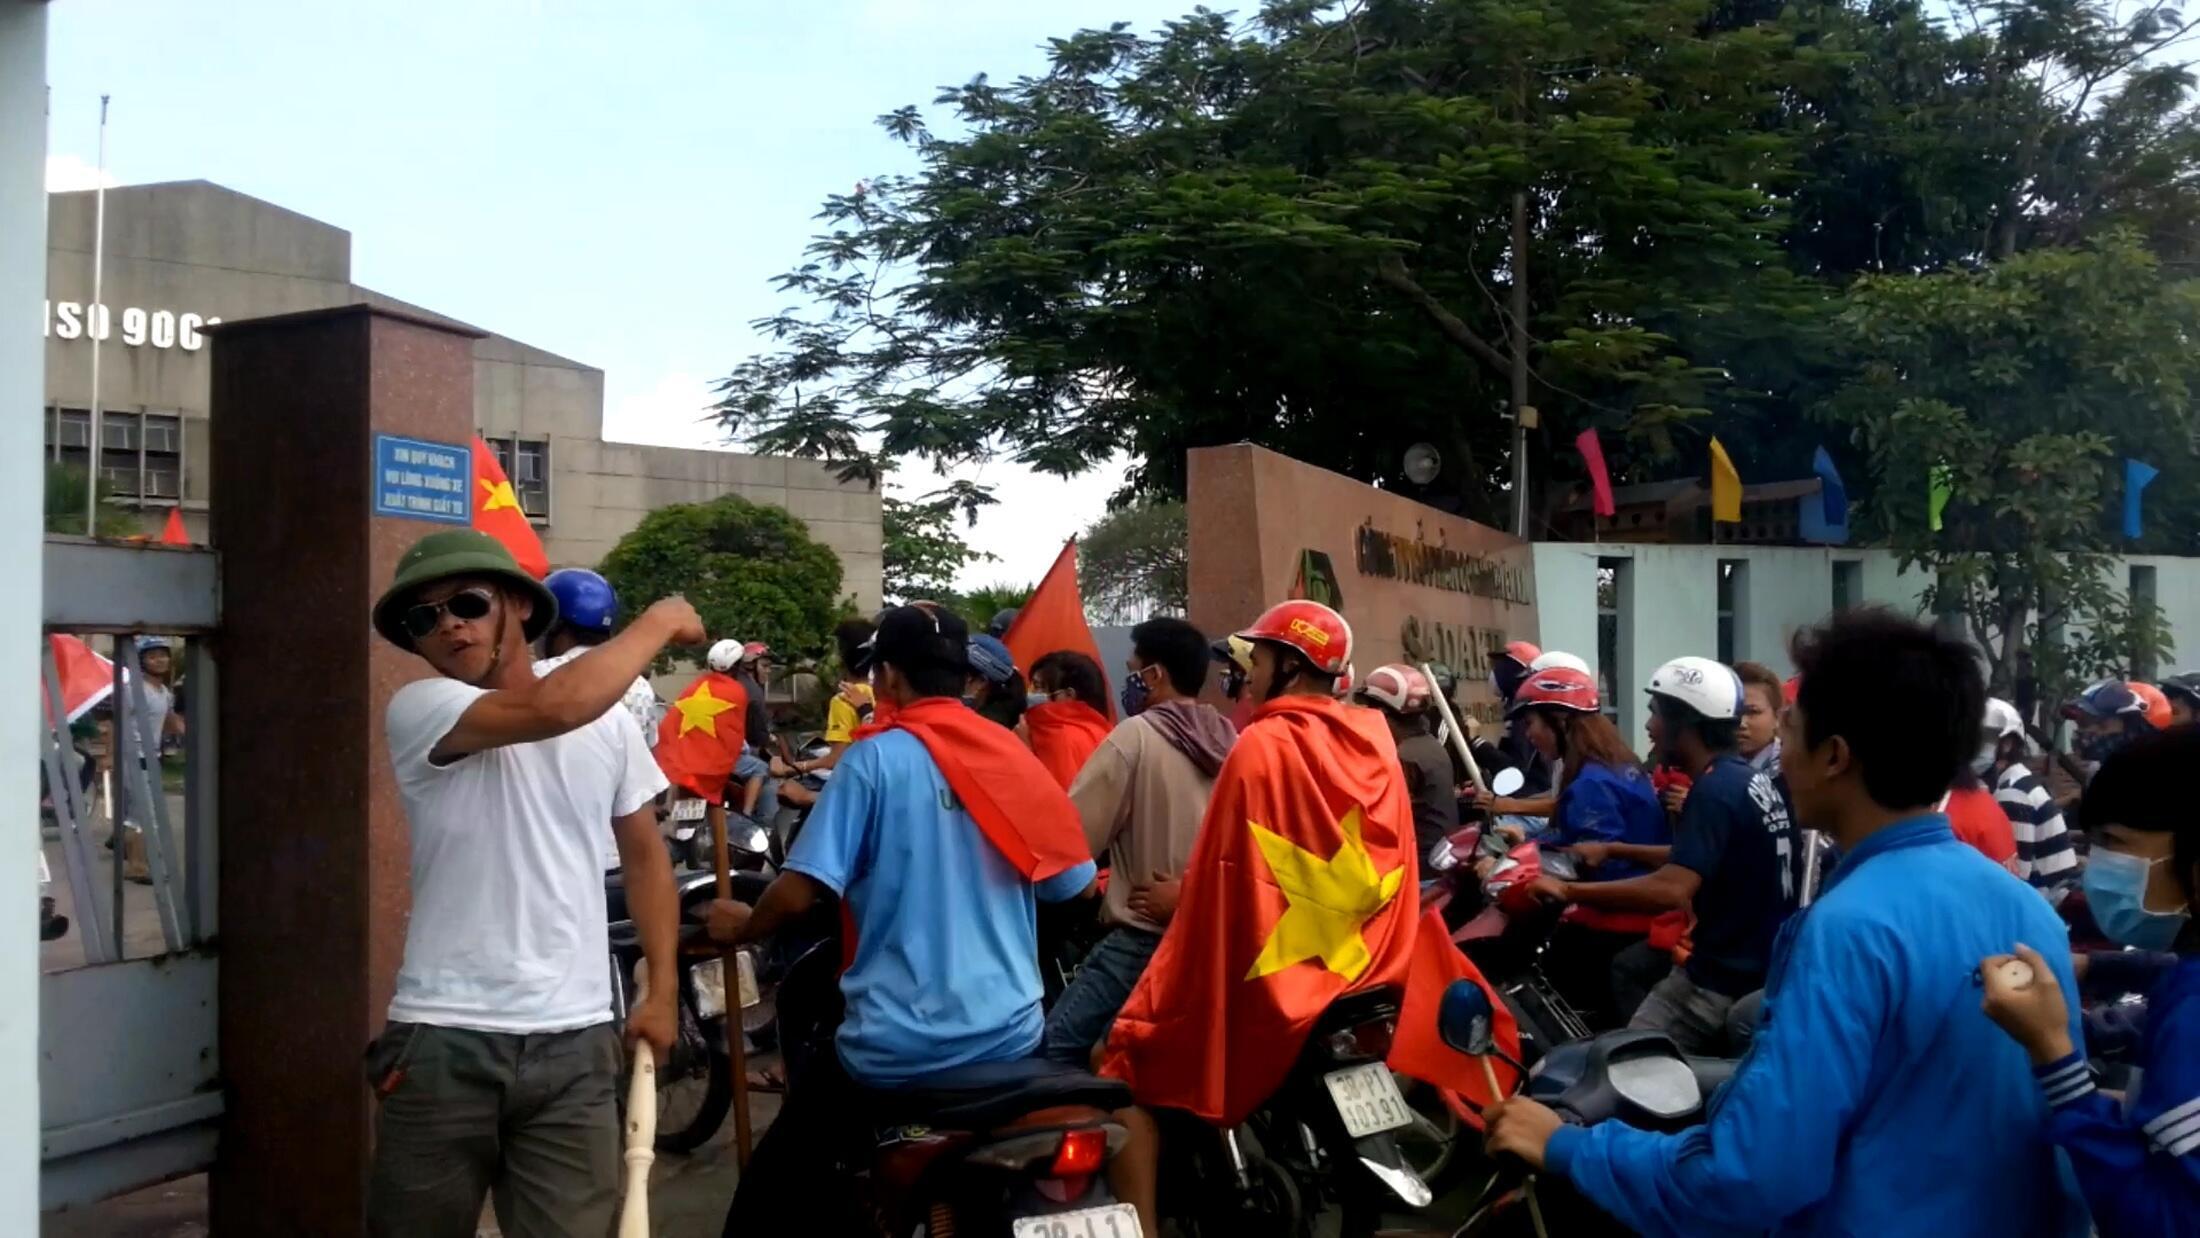 Bạo động do các nhóm xã hội đen tổ chức, trong đợt biểu tình phản đối Trung Quốc giữa tháng 5/2014, gây lo ngại. Trong ảnh, một cuộc bạo động tại Bình Dương, 13/05/2014.